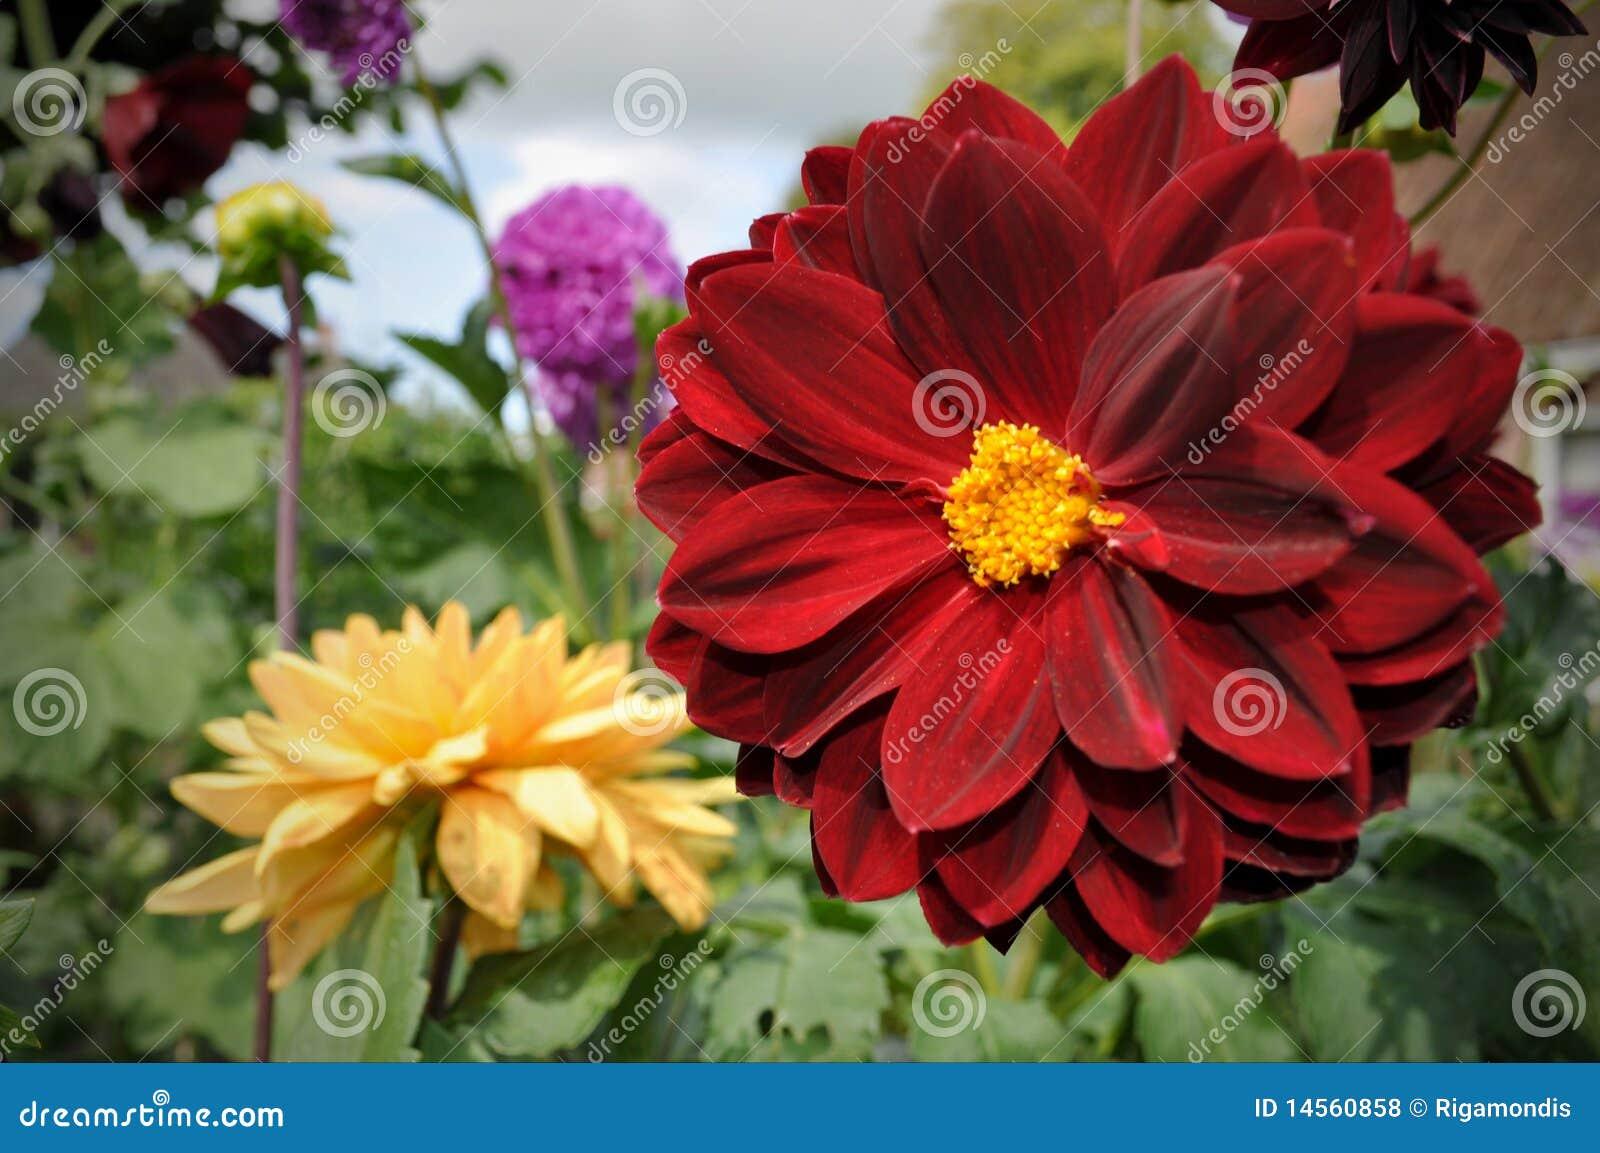 dahlia rouge et jaune de fleur photos libres de droits - image